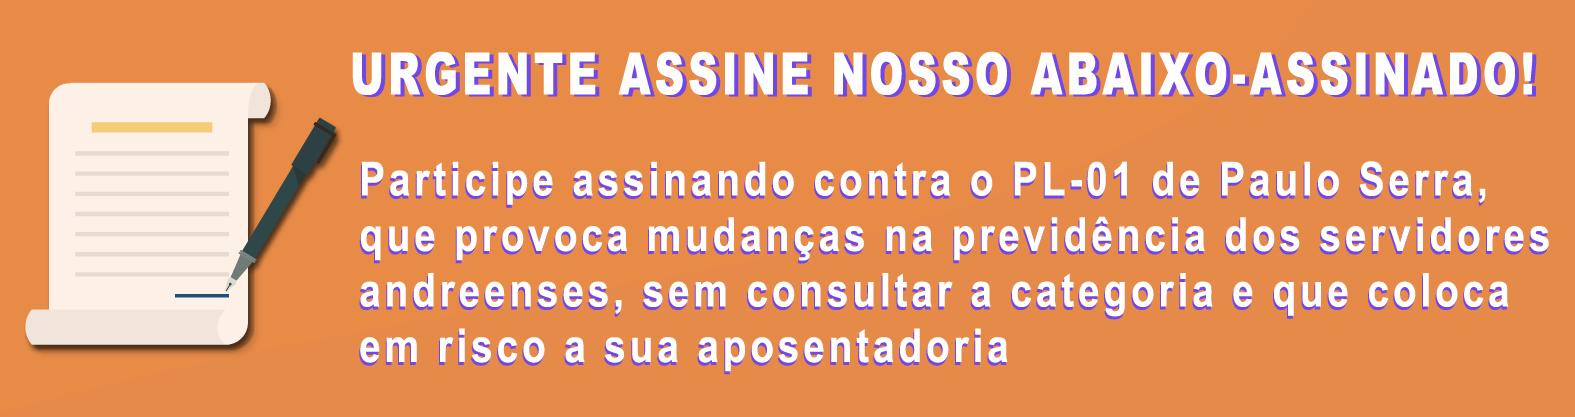 URGENTE ASSINE NOSSO ABAIXO-ASSINADO